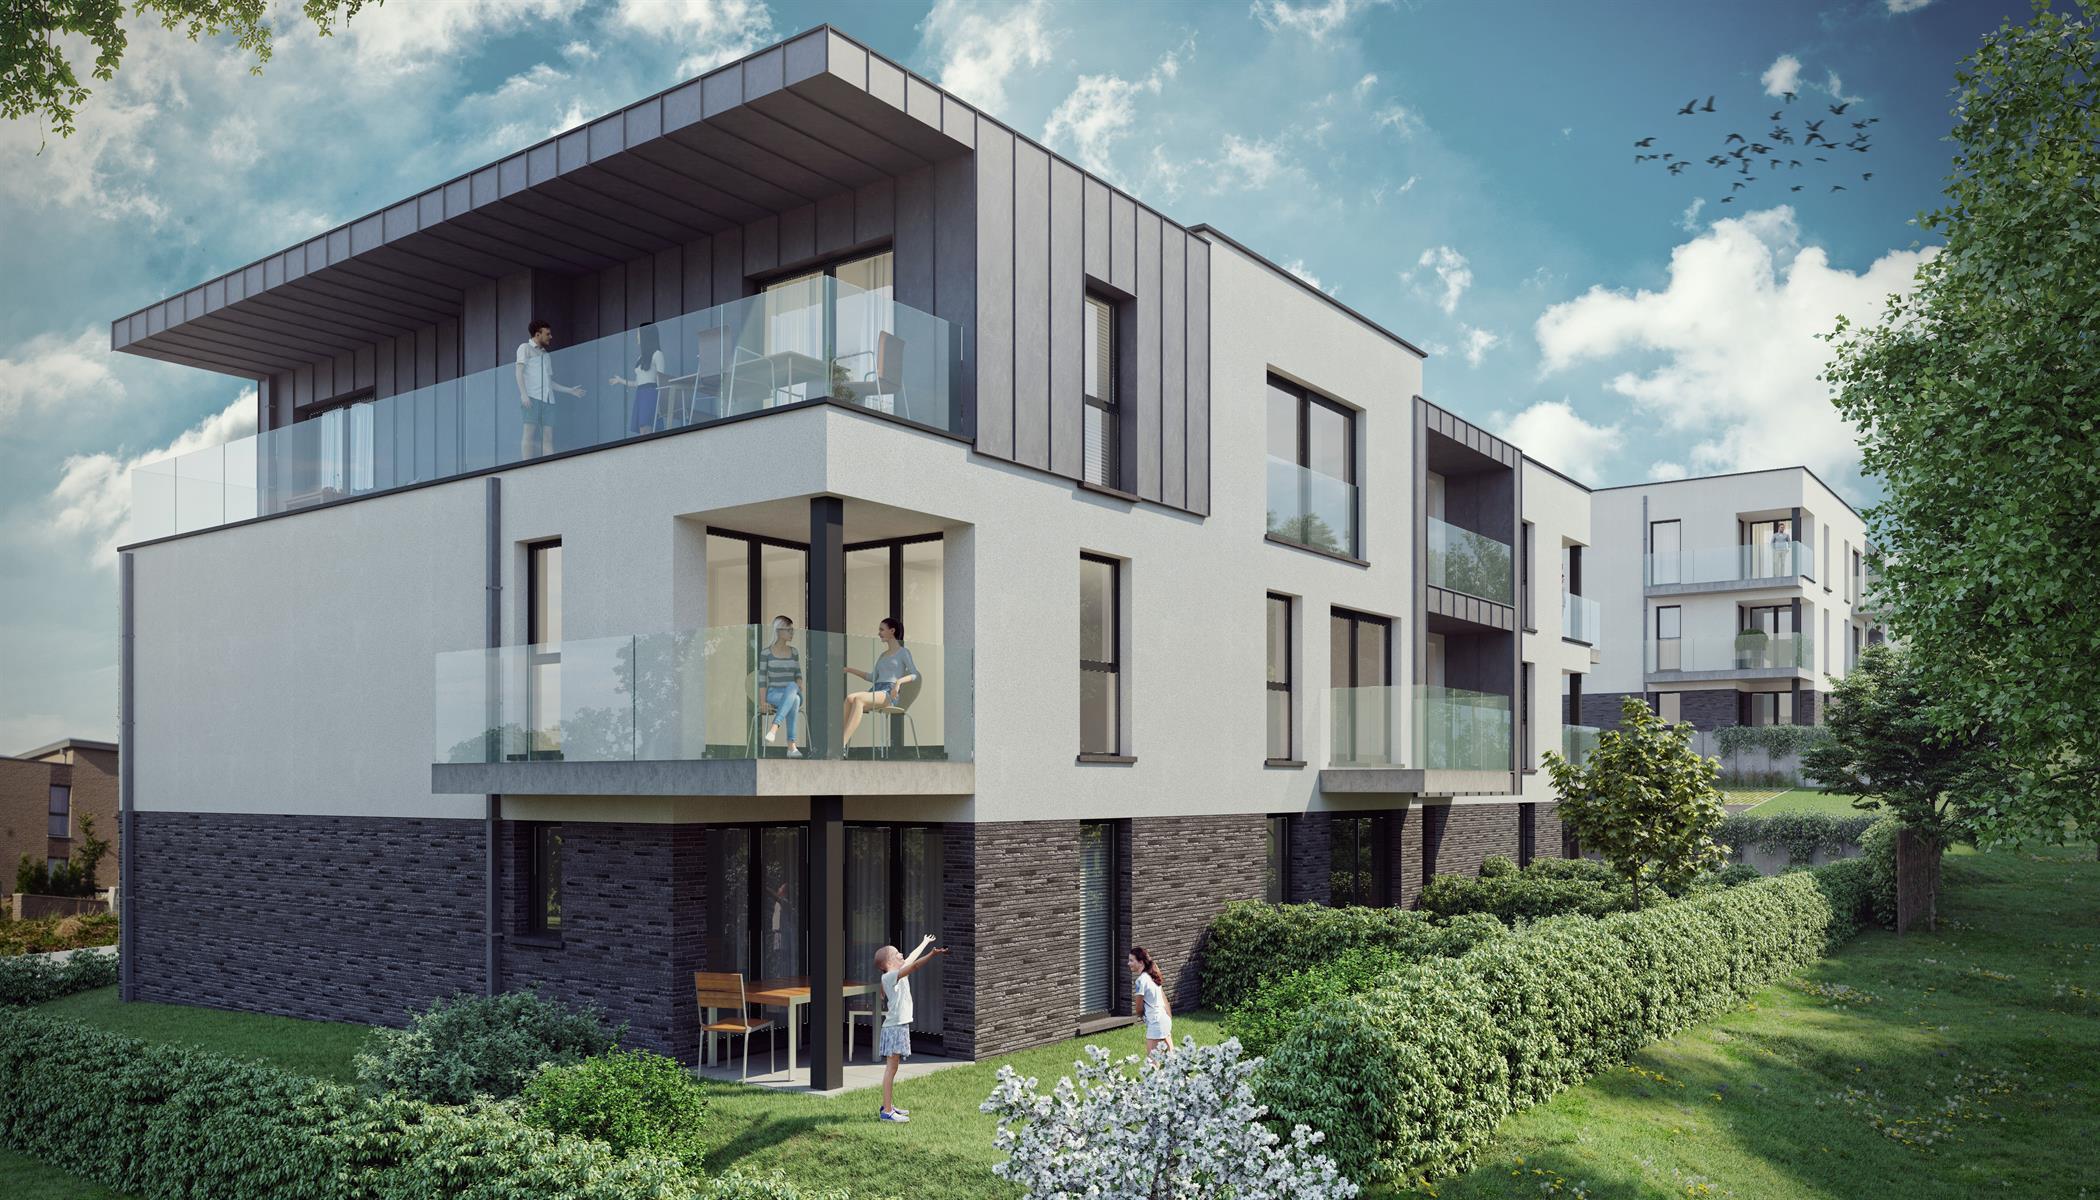 Ground floor with garden - Flemalle - #4197040-39